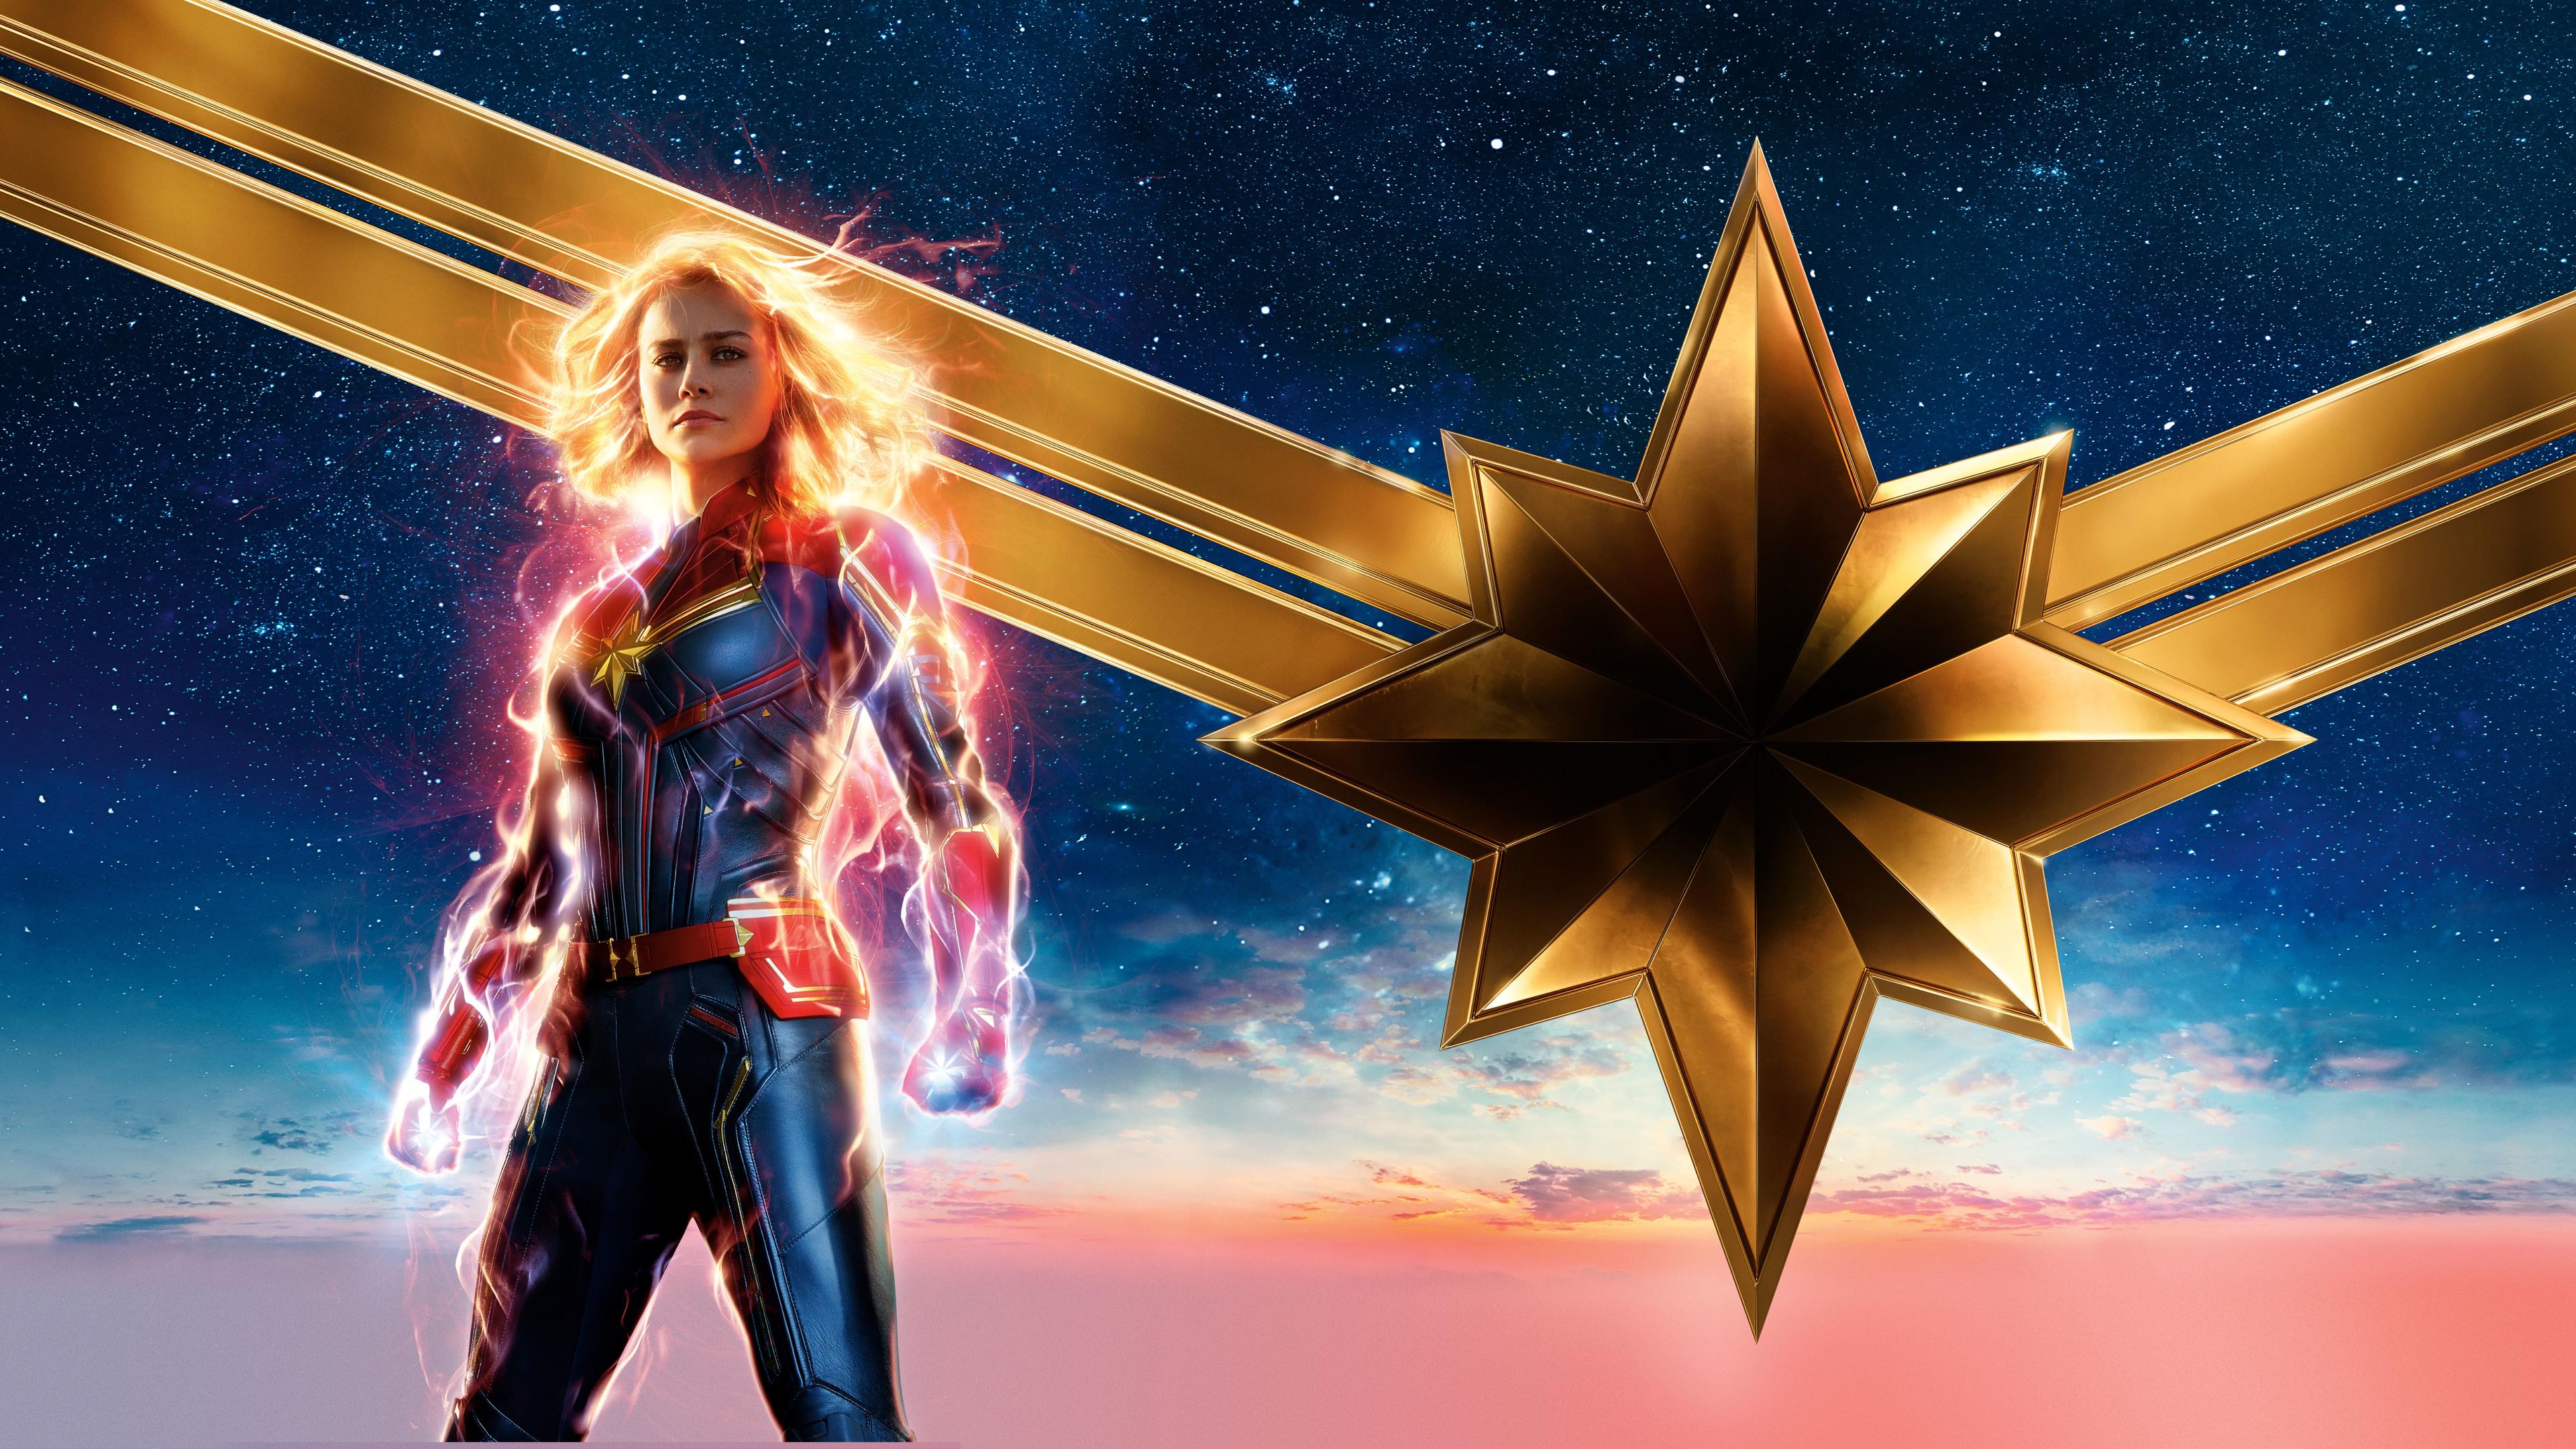 Wallpaper 4k Captain Marvel Movie 2019 4k 10k Wallpapers